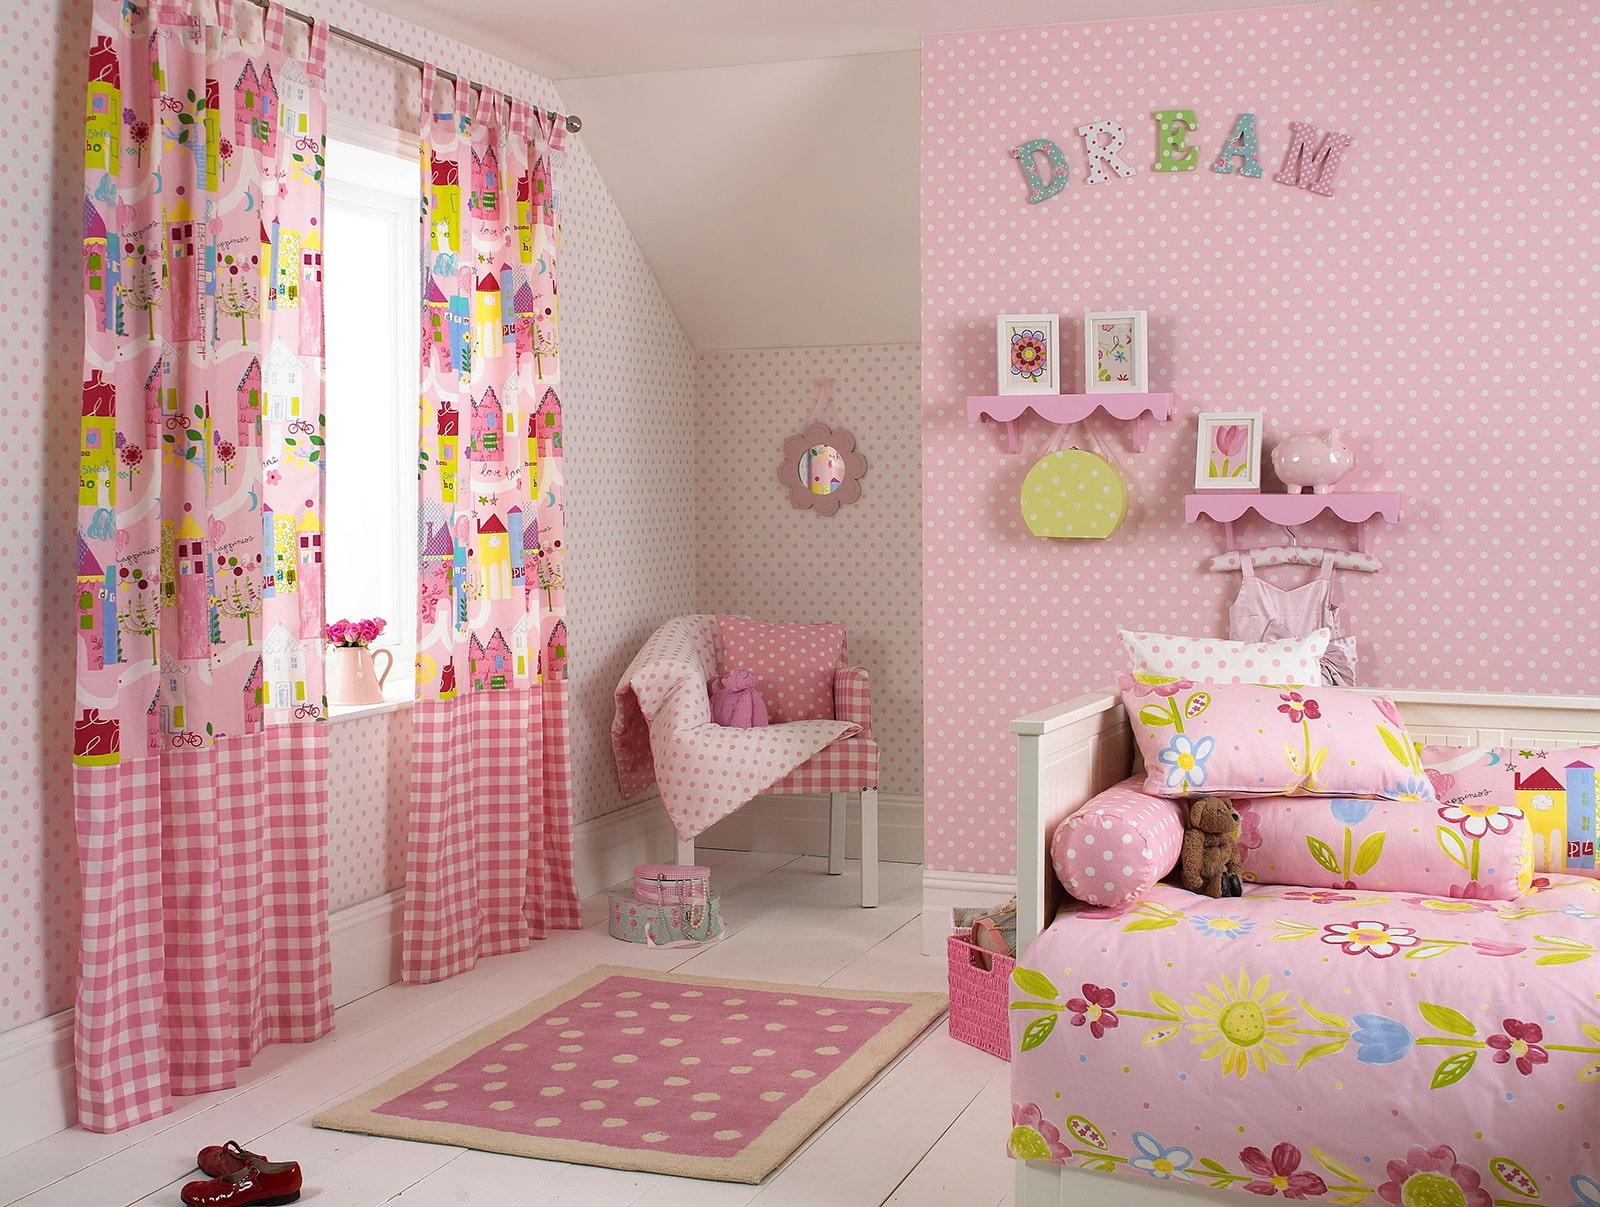 Розовый коврик в детской комнате